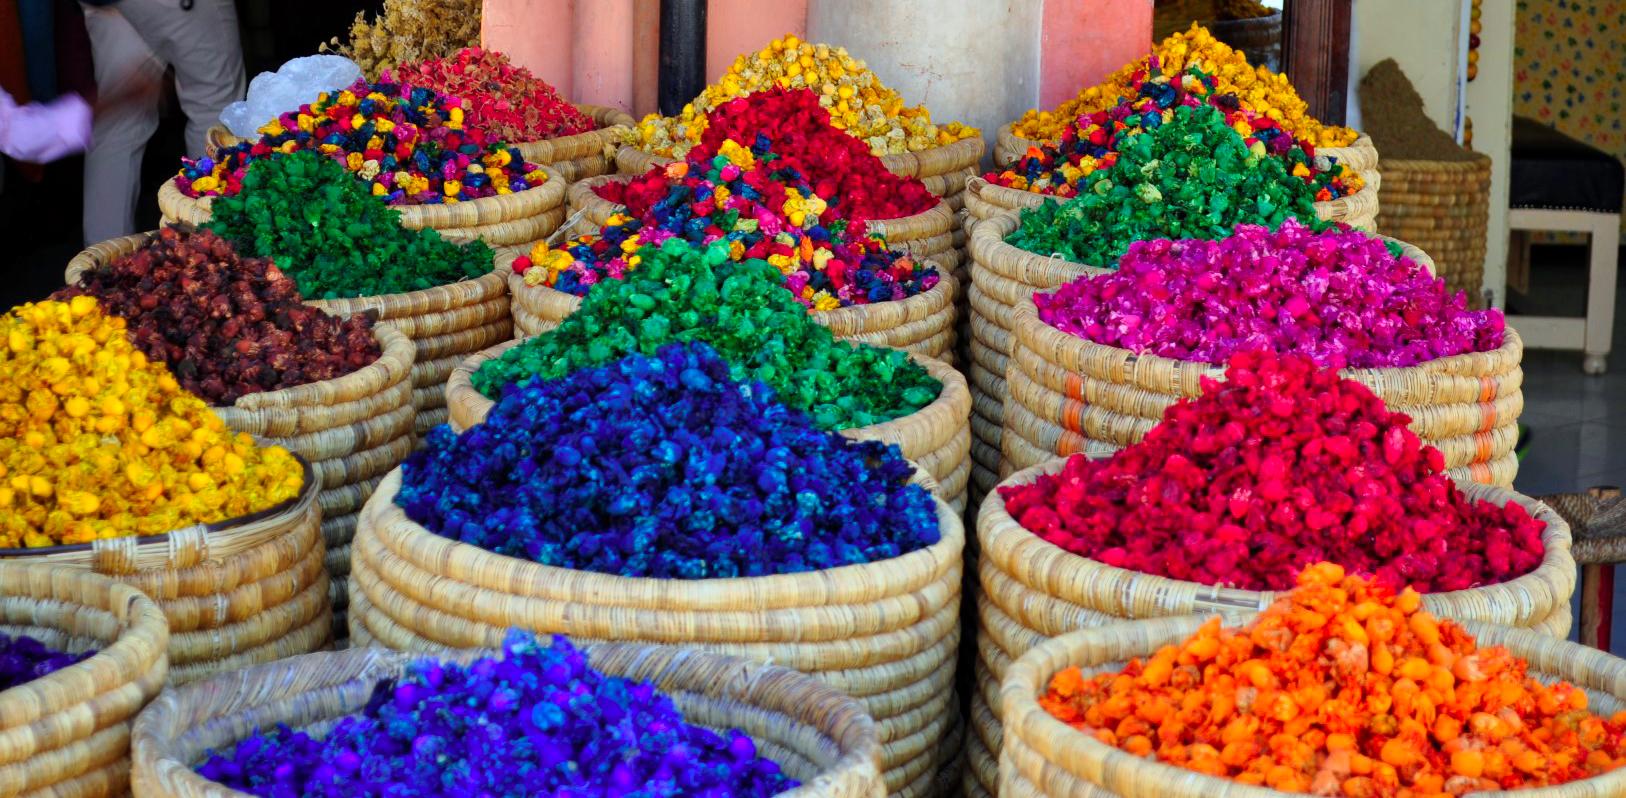 Qué ver en Marrakech, Marruecos - Morocco qué ver en marrakech, marruecos - 30892954962 acba4f2537 o - Qué ver en Marrakech, Marruecos